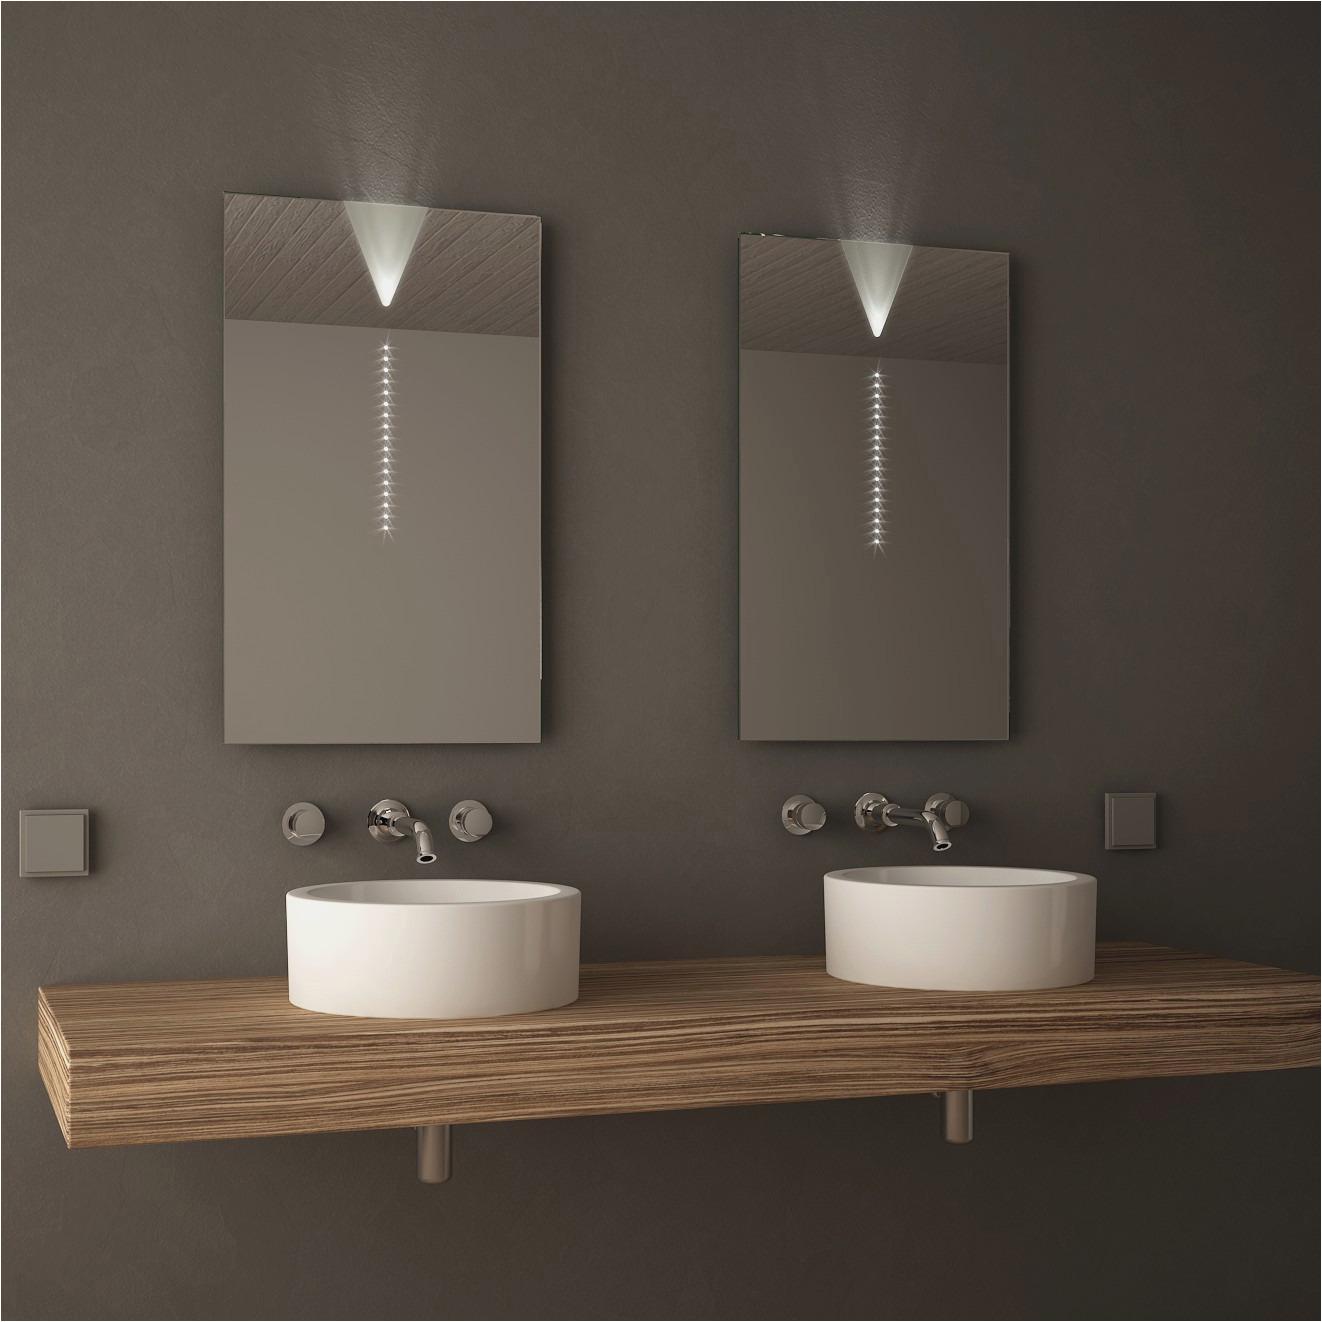 spiegel fur badezimmer elegant badezimmerspiegel led lampe of spiegel fur badezimmer